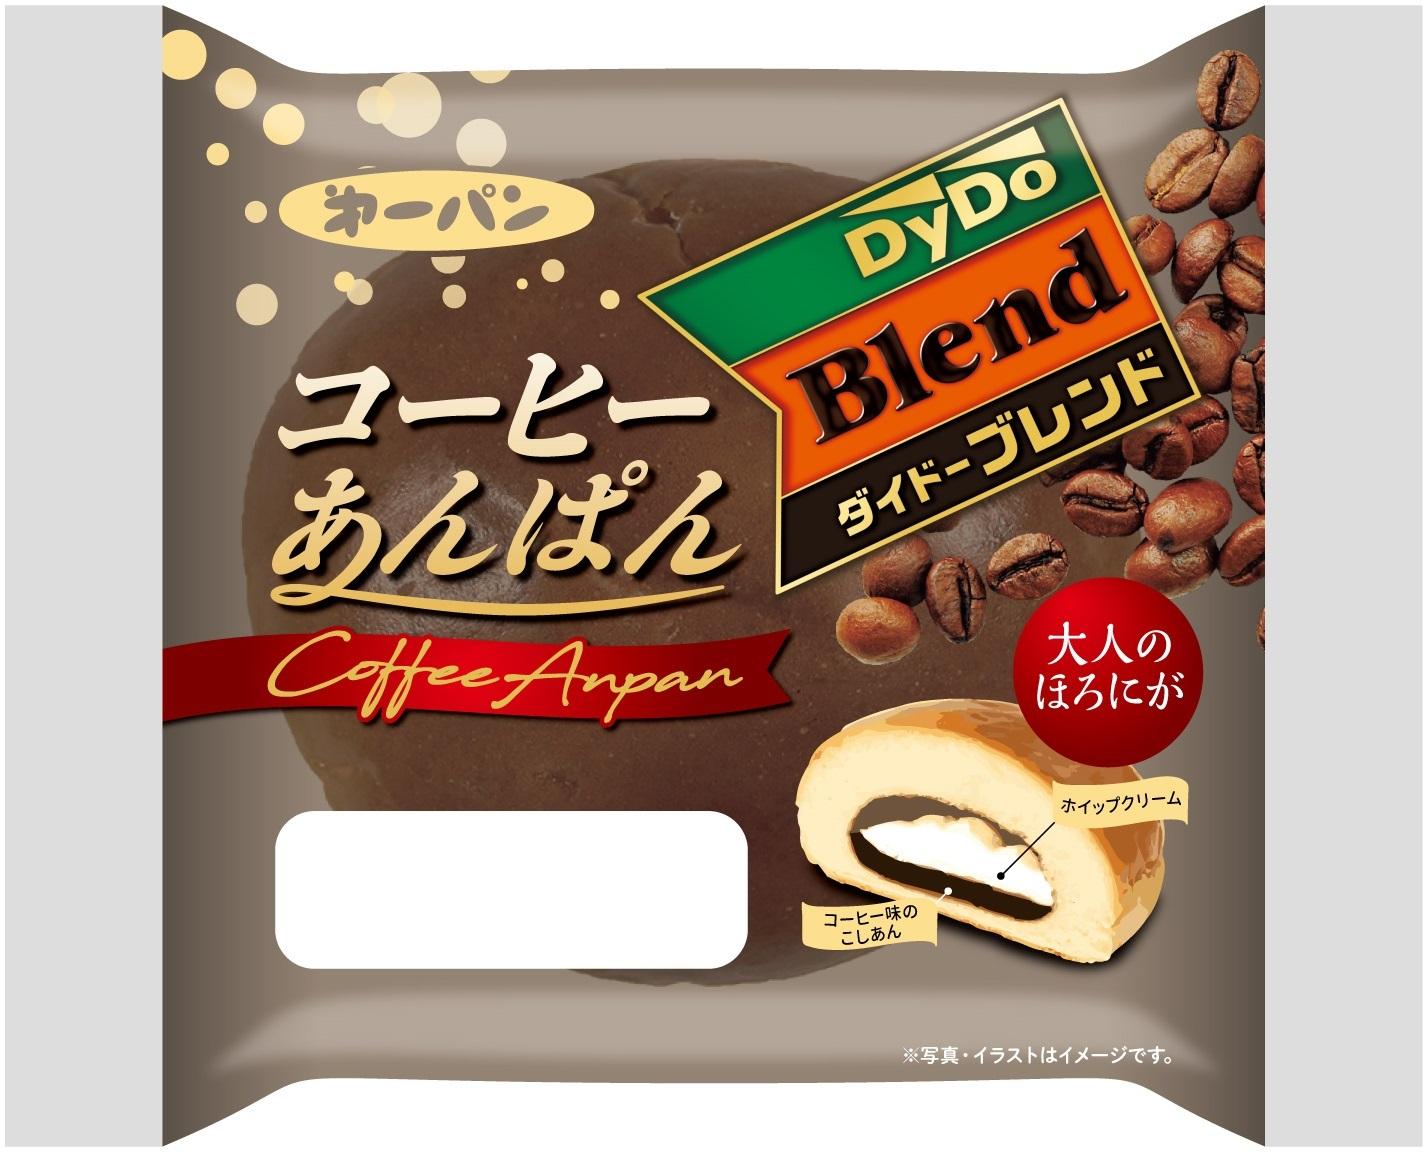 第一パンとダイドーがコラボパンを発売 コーヒー味のあんぱんとひとくちドーナツ 画像1